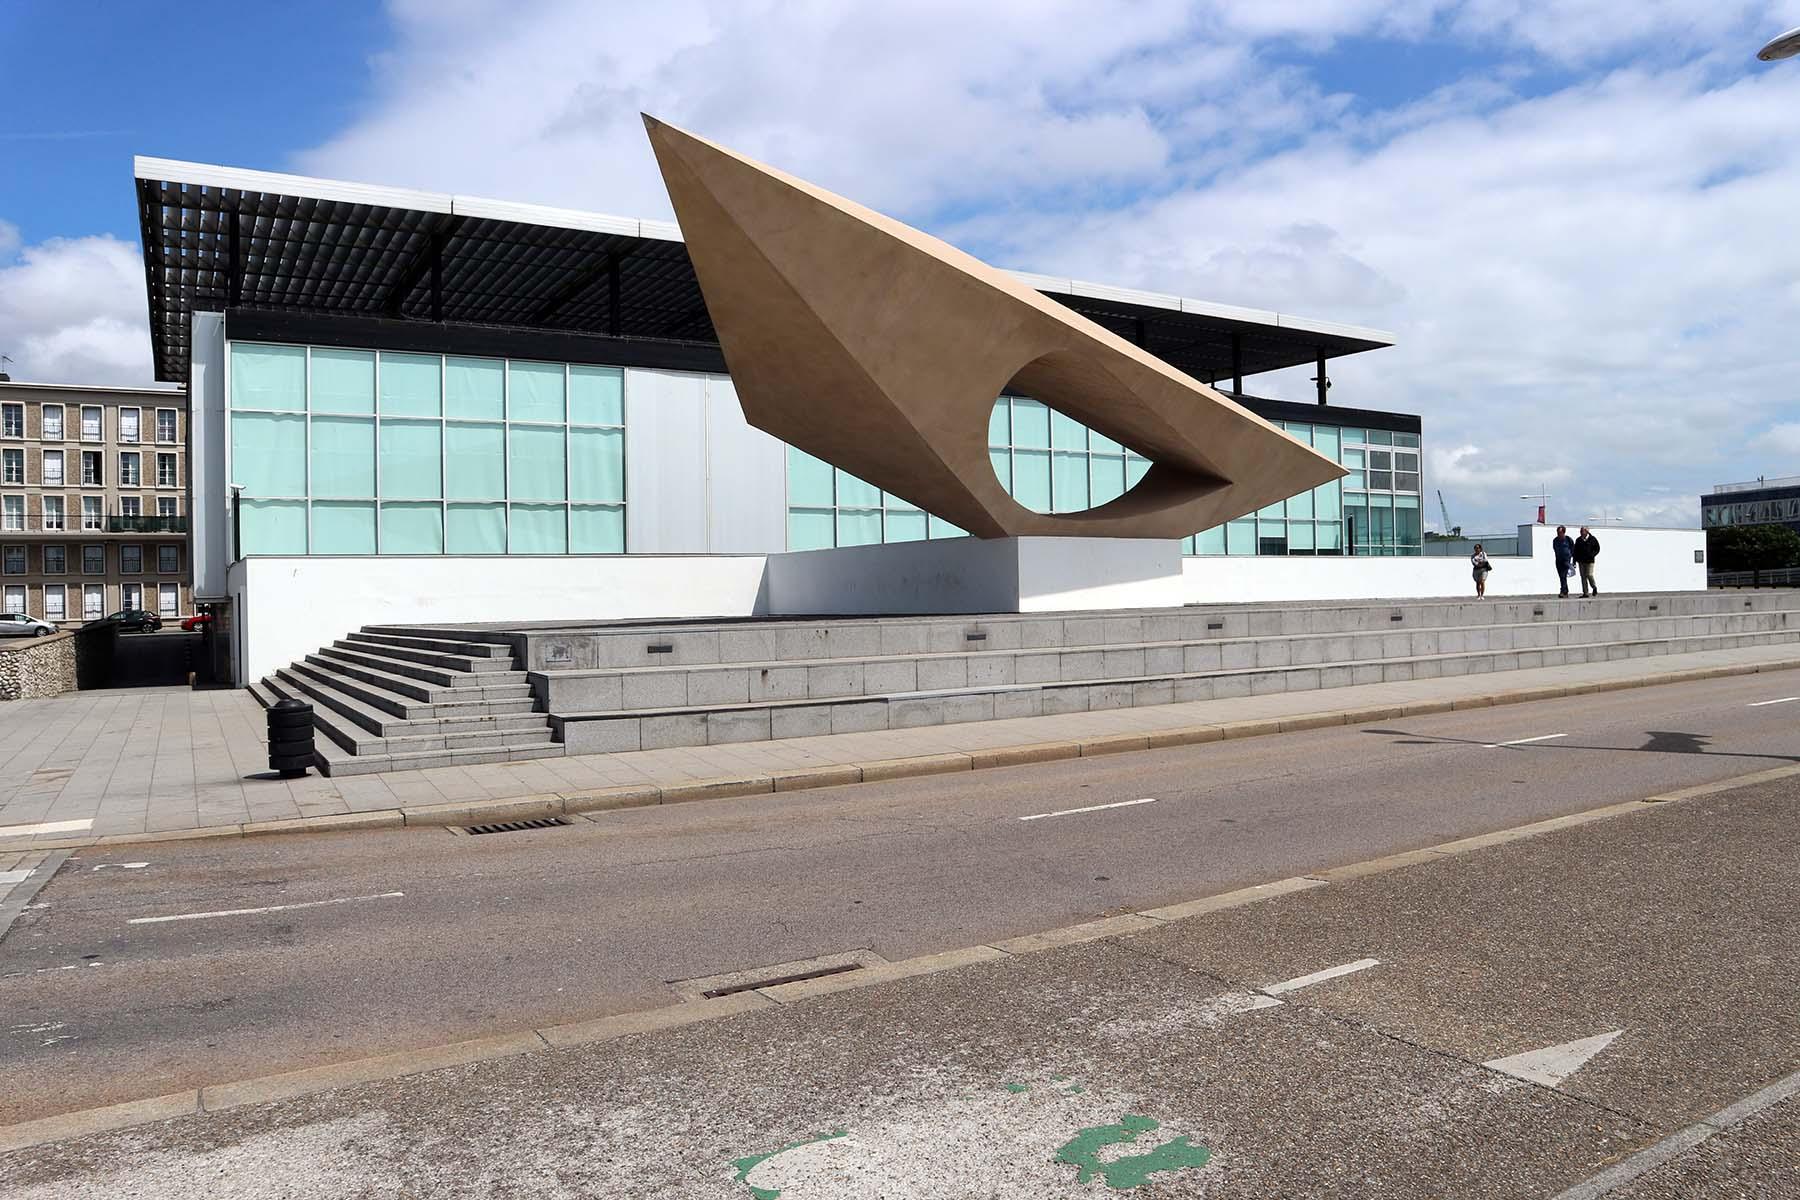 Parcours Vers le Port. Das Museum André Malraux (MUMA) war der erste Museumsneubau der französischen Nachkriegszeit. Der Kubus aus Glas und Metall wurde von den vier Architekten Guy Lagneau, Michel Weill, Jean Dimitrijevic und Raymond Audigier entworfen. Jean Prouvé entwarf den Sonnenschutz und die scheinbar schwebende Dachkonstruktion. Das MUMA zählt zu den bedeutendsten Museumsbauten der Moderne und besitzt heute eine der reichsten Sammlungen impressionistischer Meister.